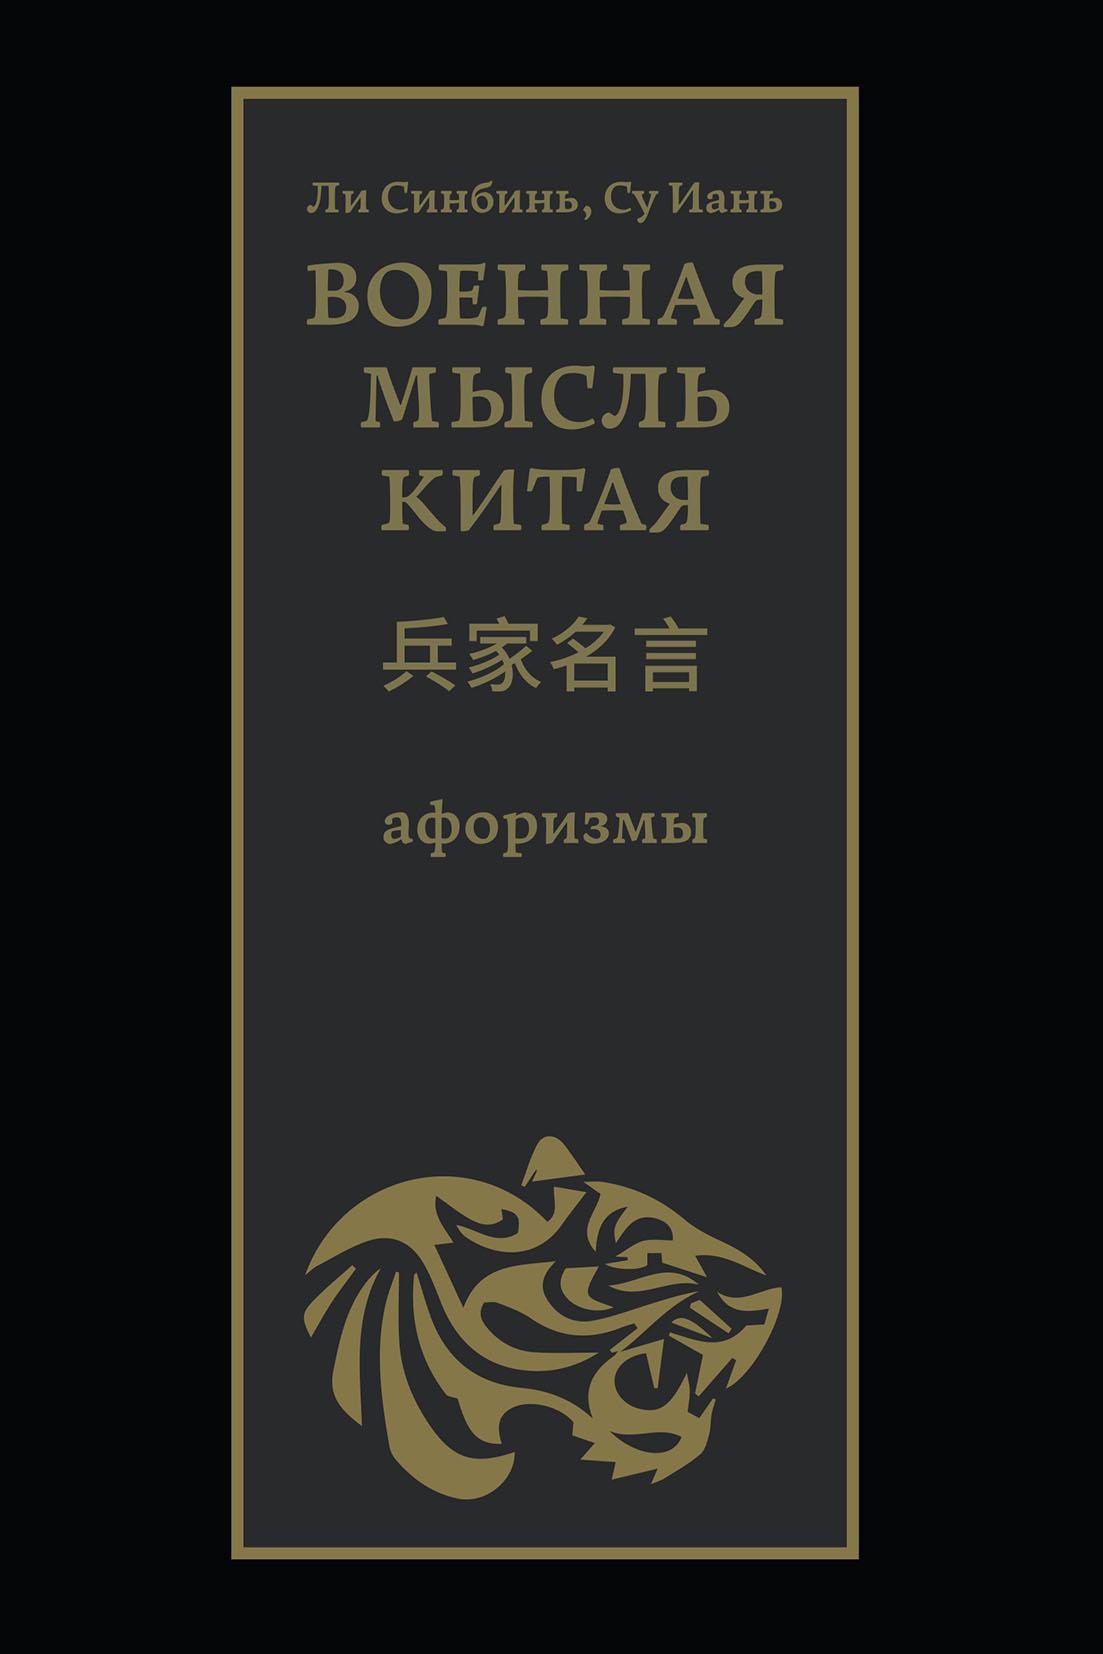 Купить книгу Военная мысль Китая, автора